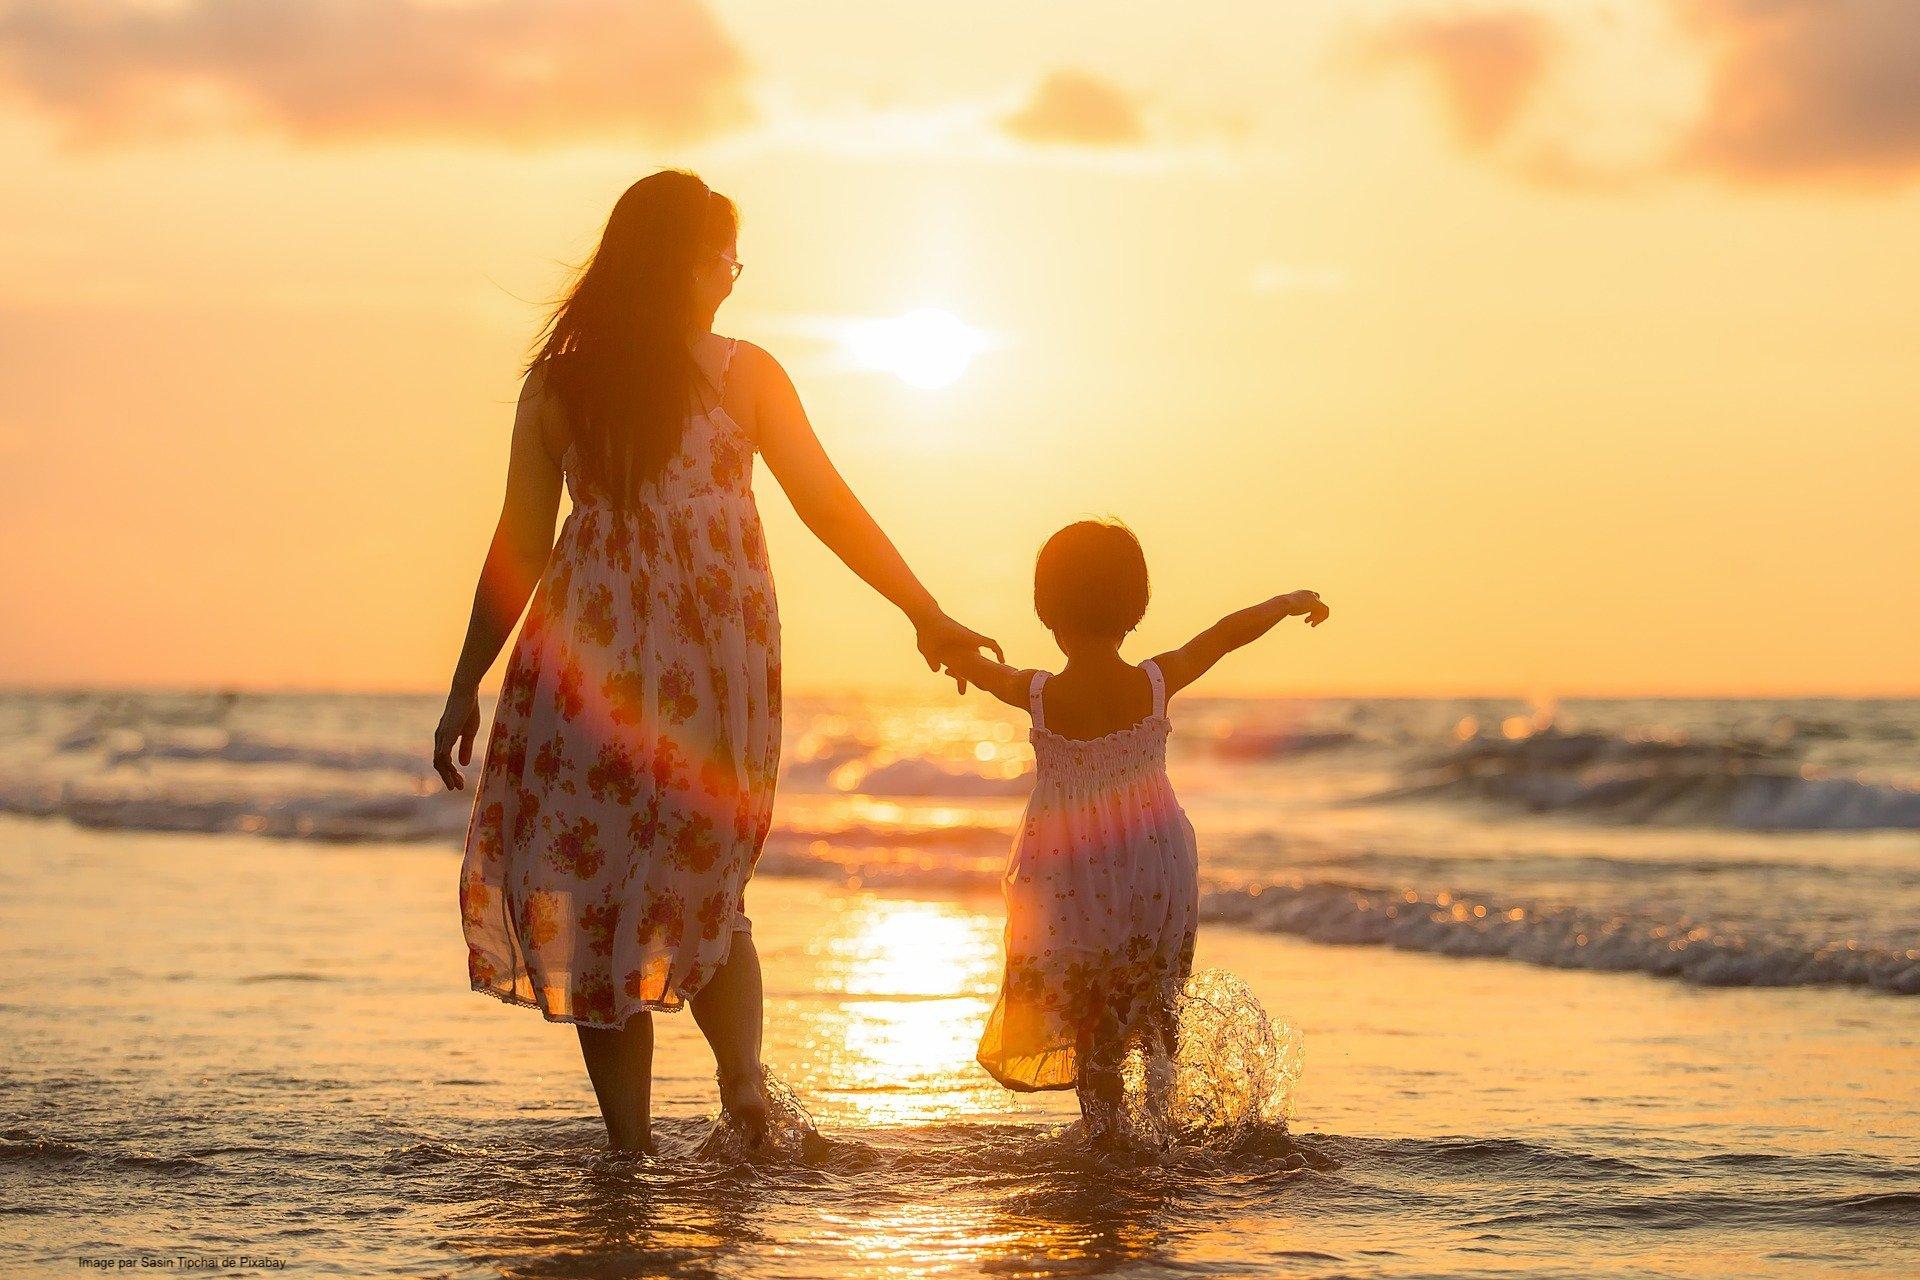 Comment évaluer l'attachement d'un jeune enfant ?